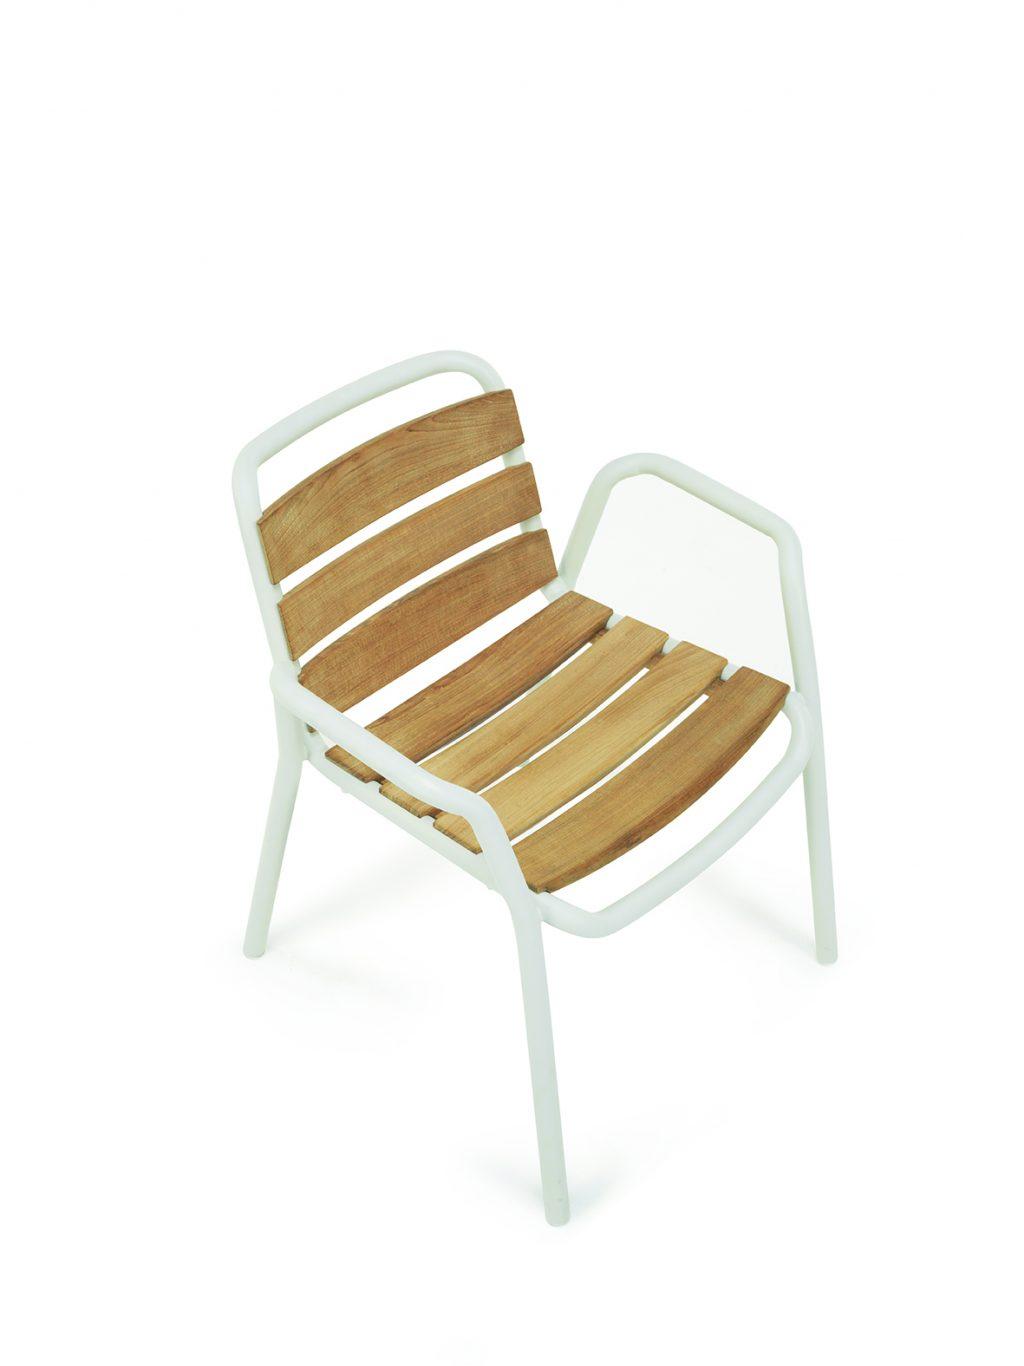 Βελονιά με δικτυωτά τικ καρέκλα τραπεζαρίας